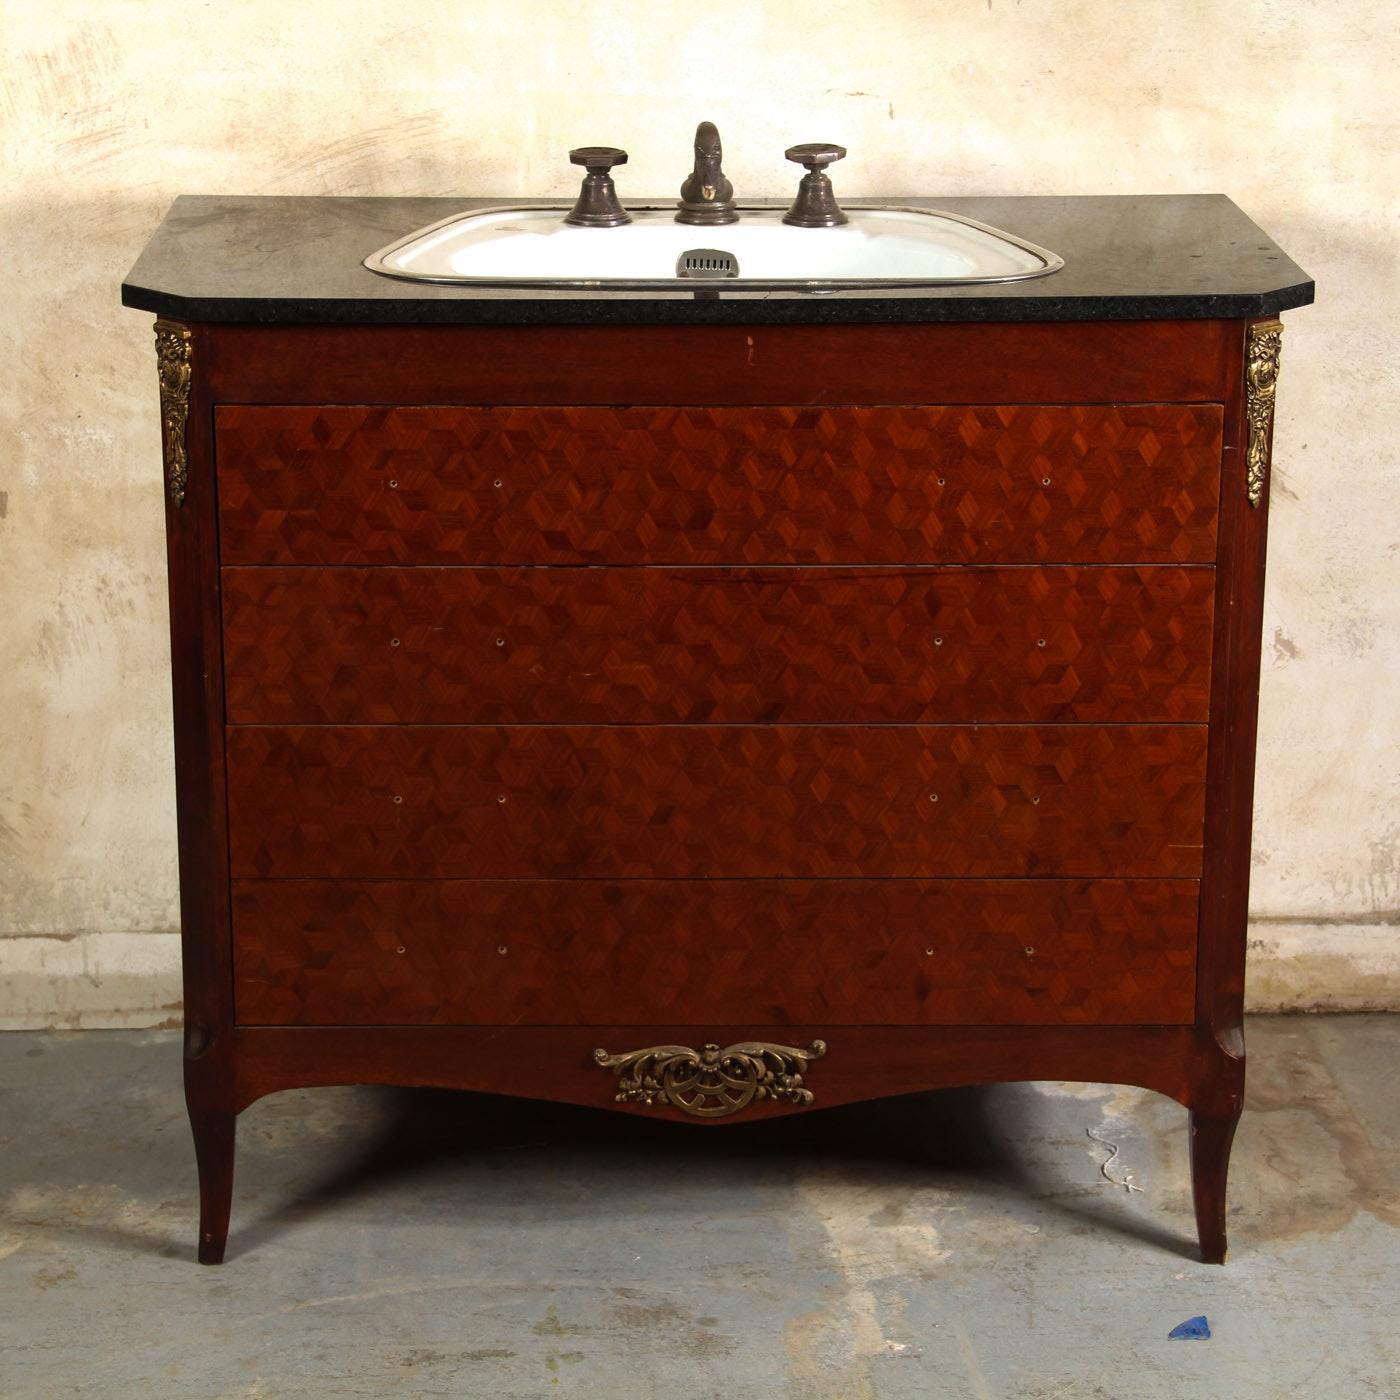 New Vintage Bathroom Vanity Minimalist